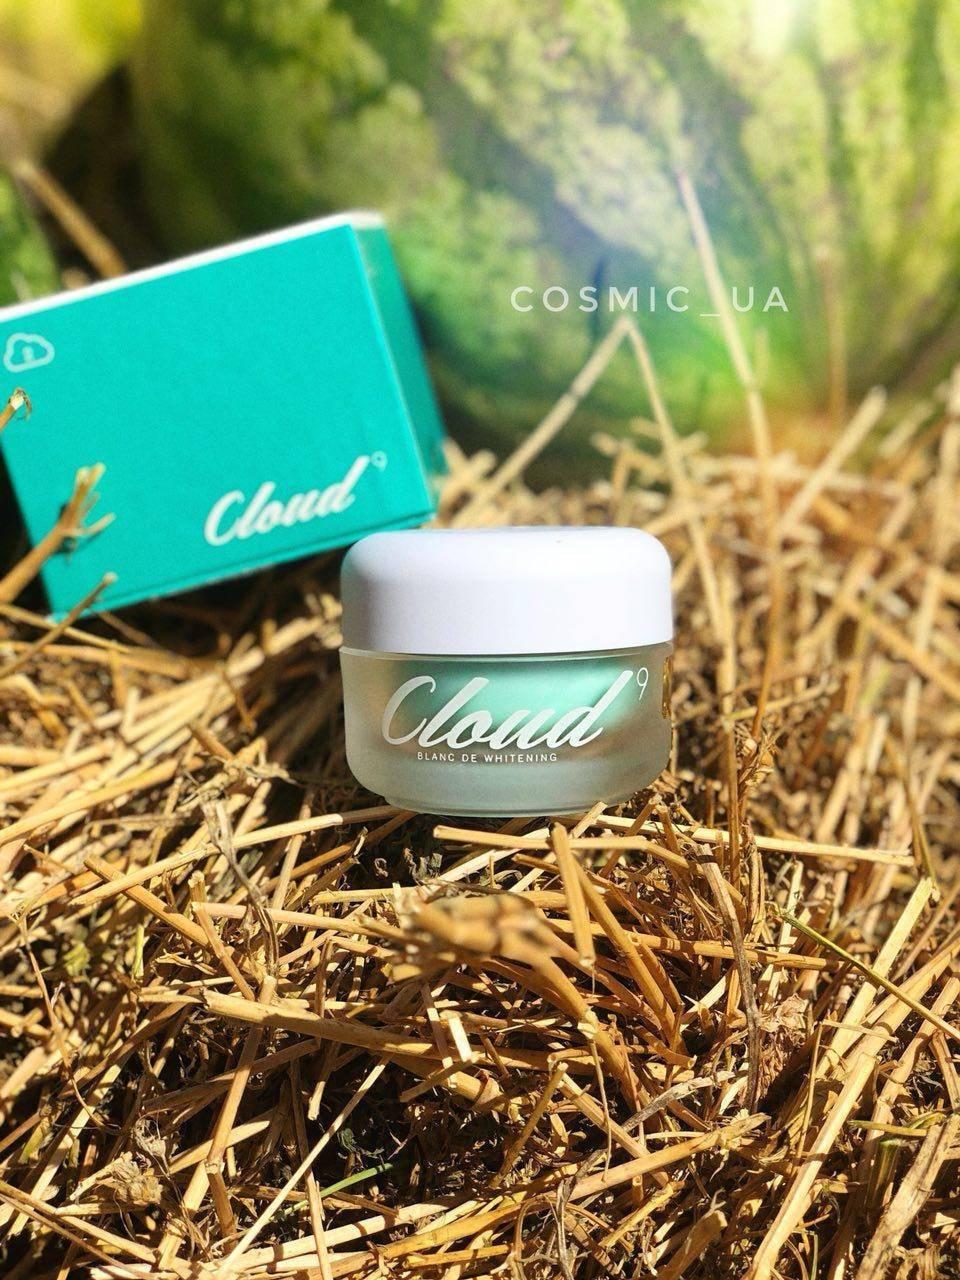 Крем Выравнивание Тона, Увлажнение И Питание С Цветочными Экстрактами Claires Cloud 9 Blanc De White Cream 0